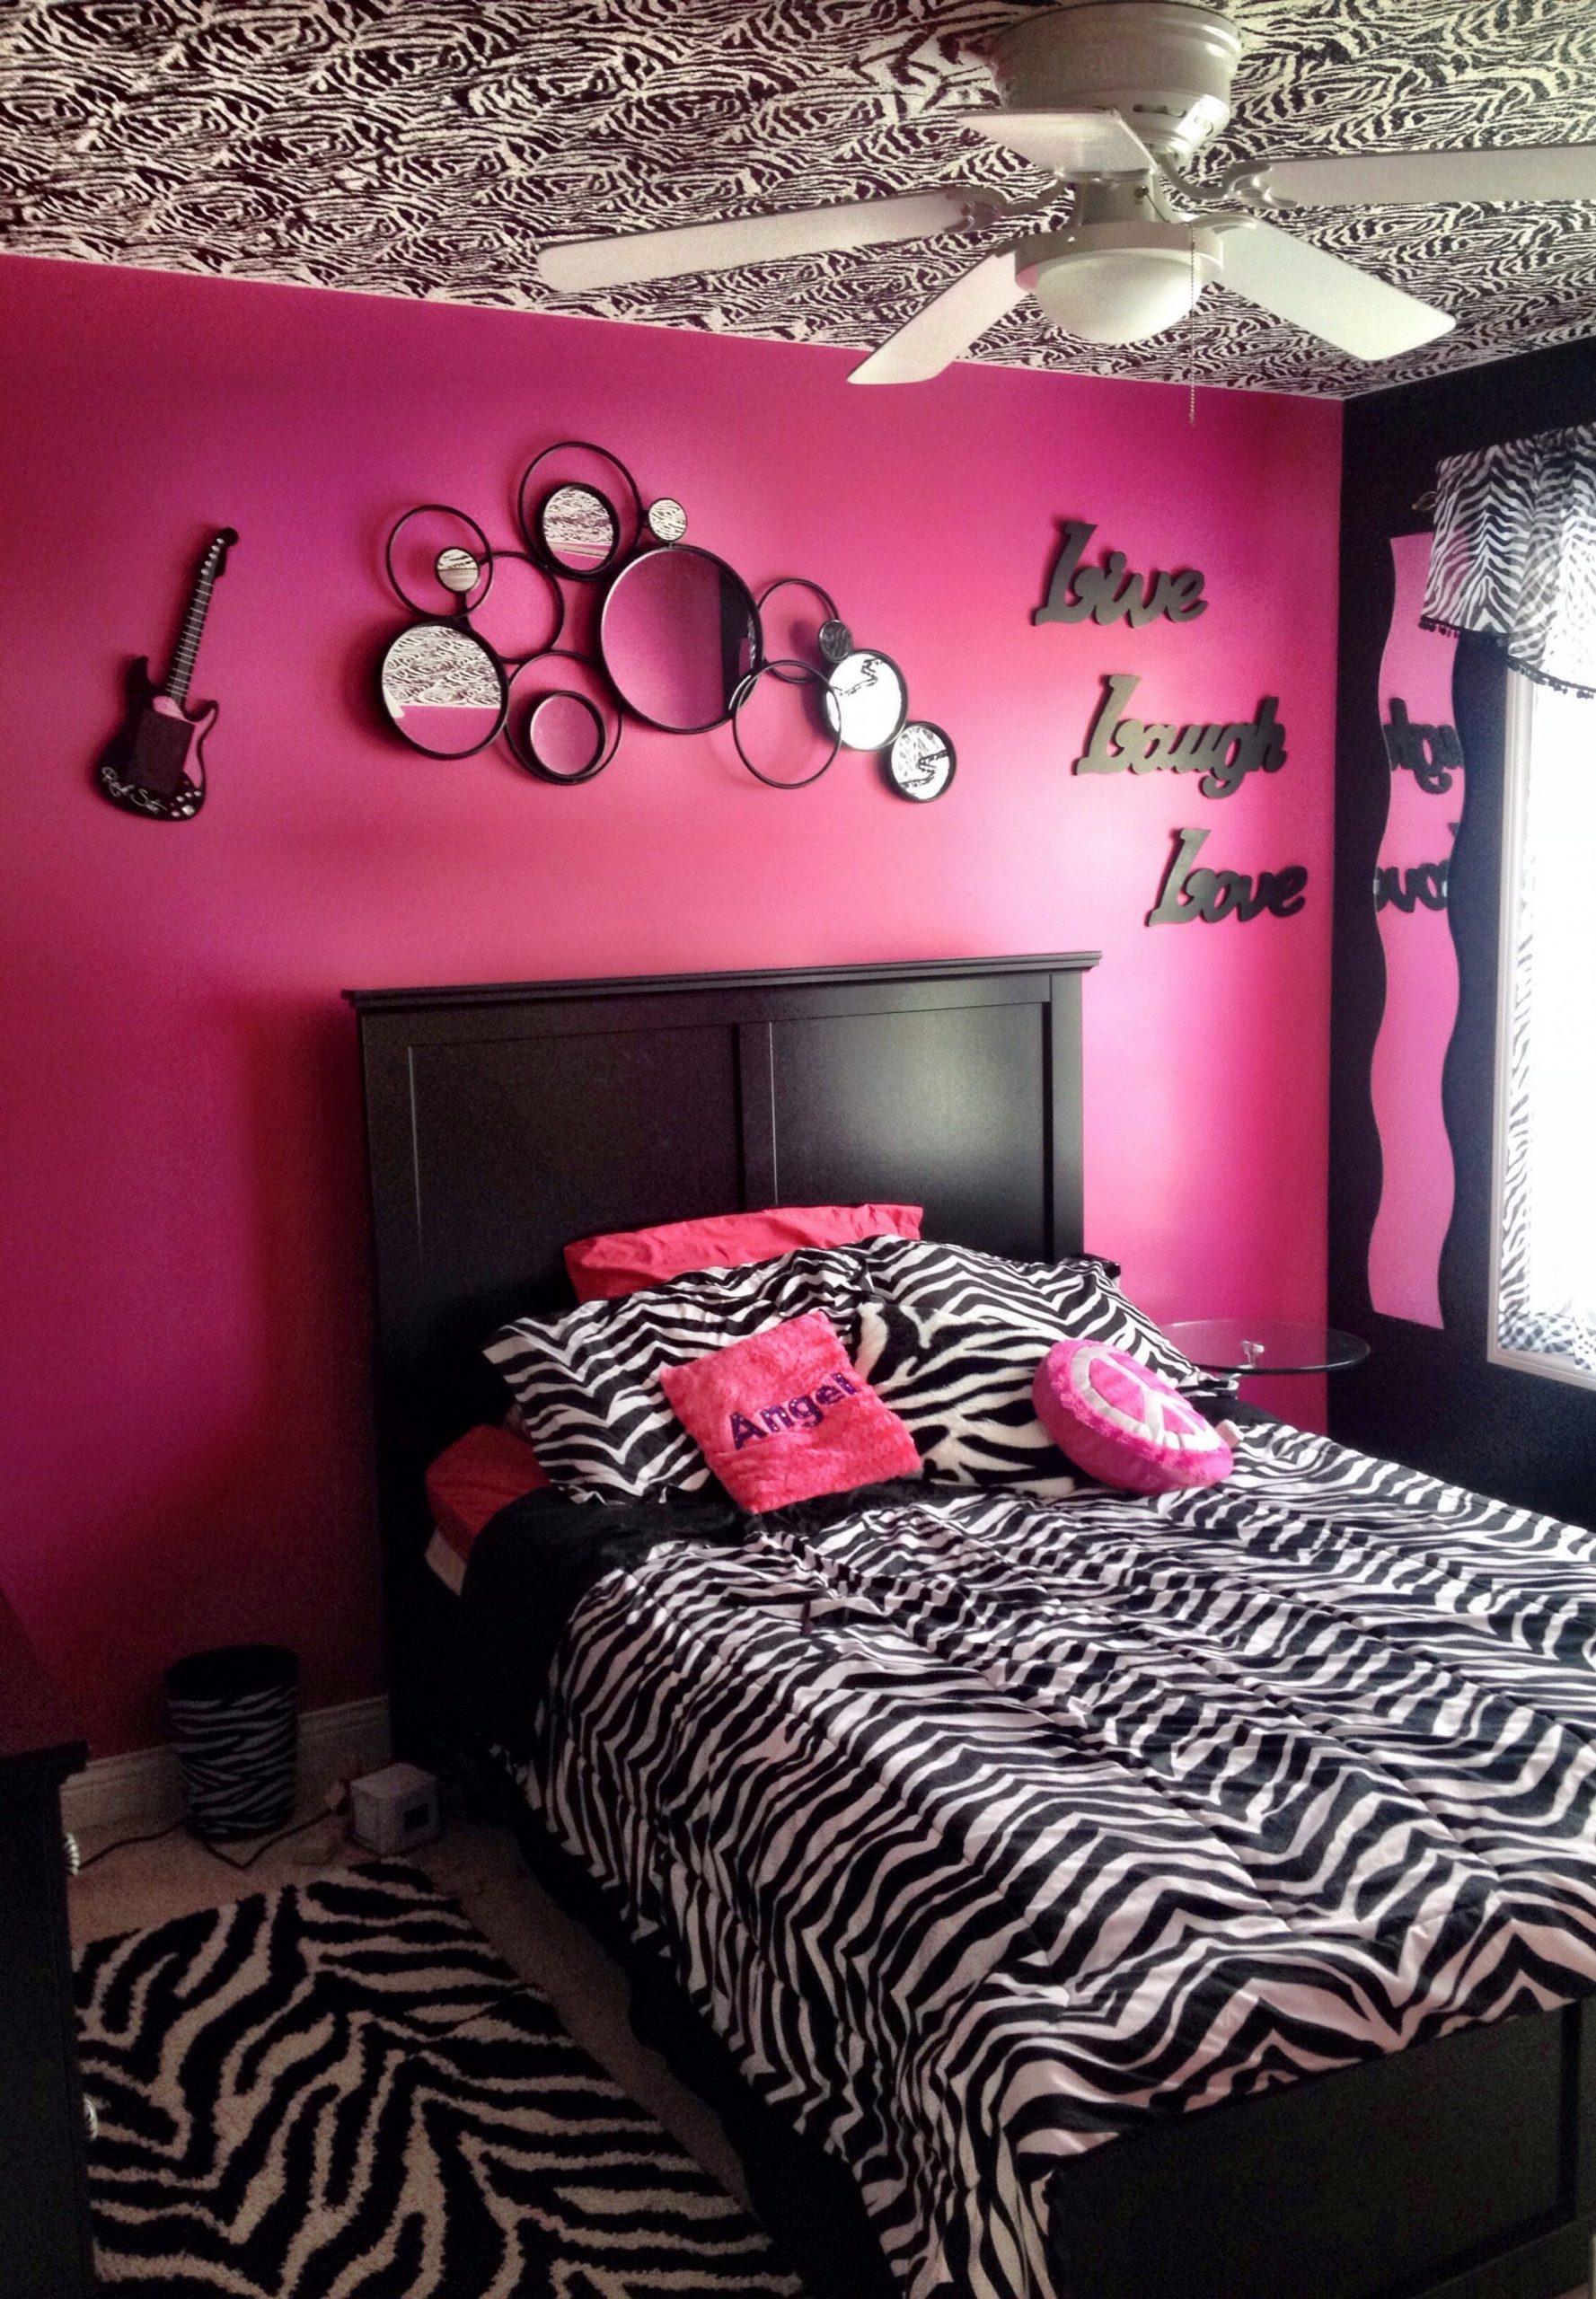 Zebra Bedroom Ideas in 12  Zebra print bedroom, Zebra bedroom  - Zebra Bedroom Ideas